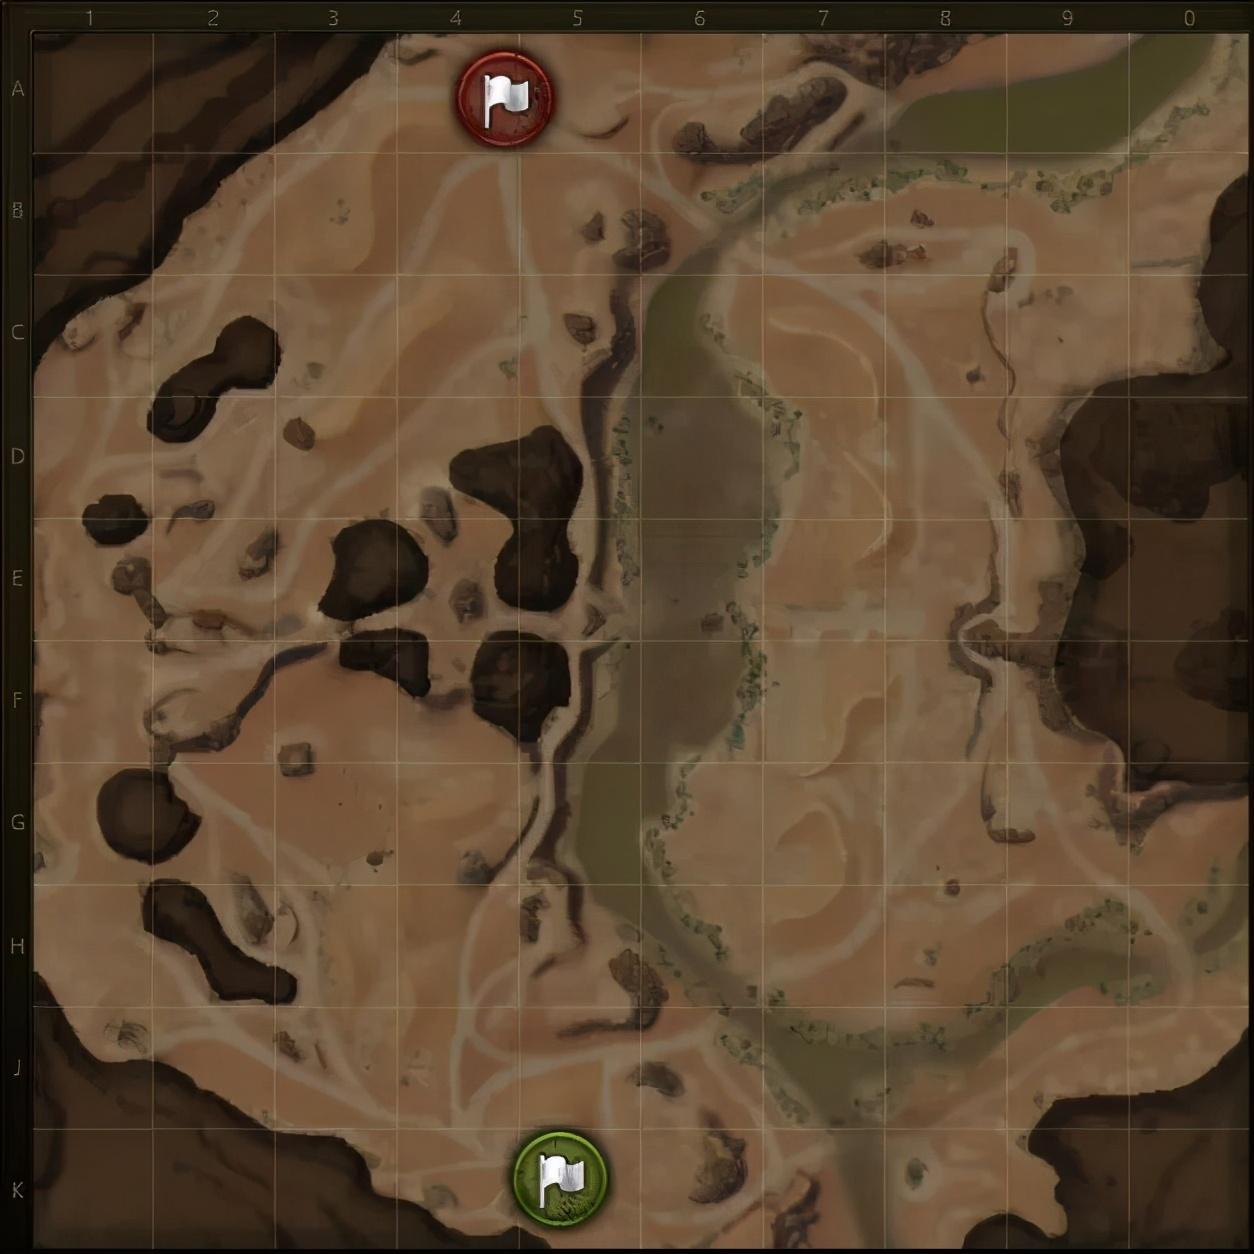 「模式前瞻」九张全新地图任您挑选:侦查任务模式详解